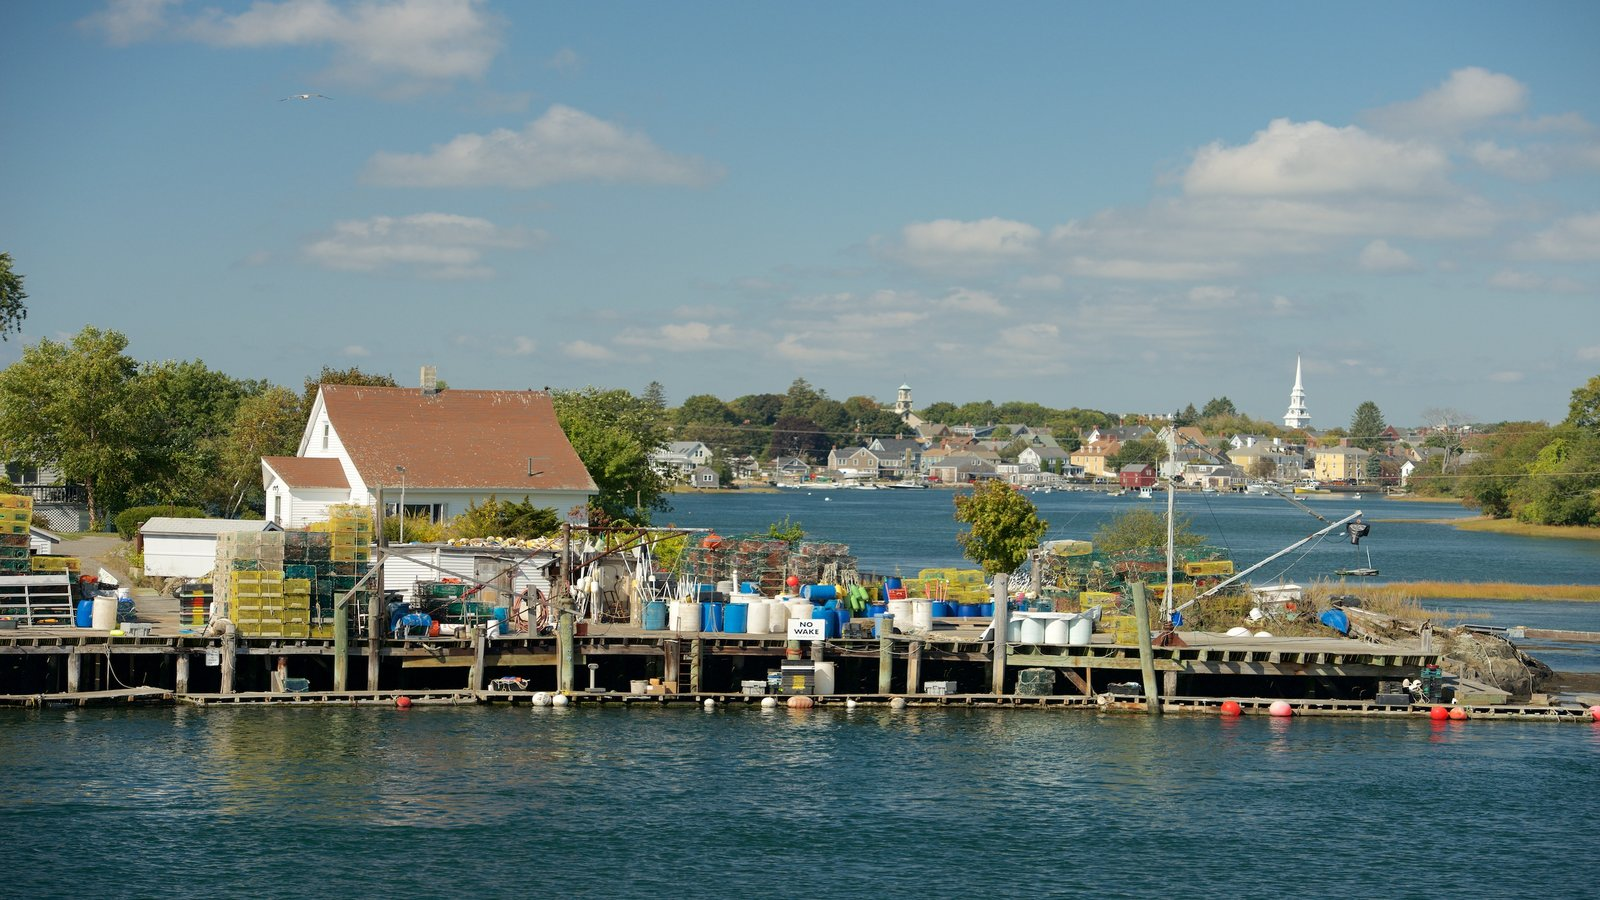 Portsmouth que incluye una ciudad costera y una bahía o puerto